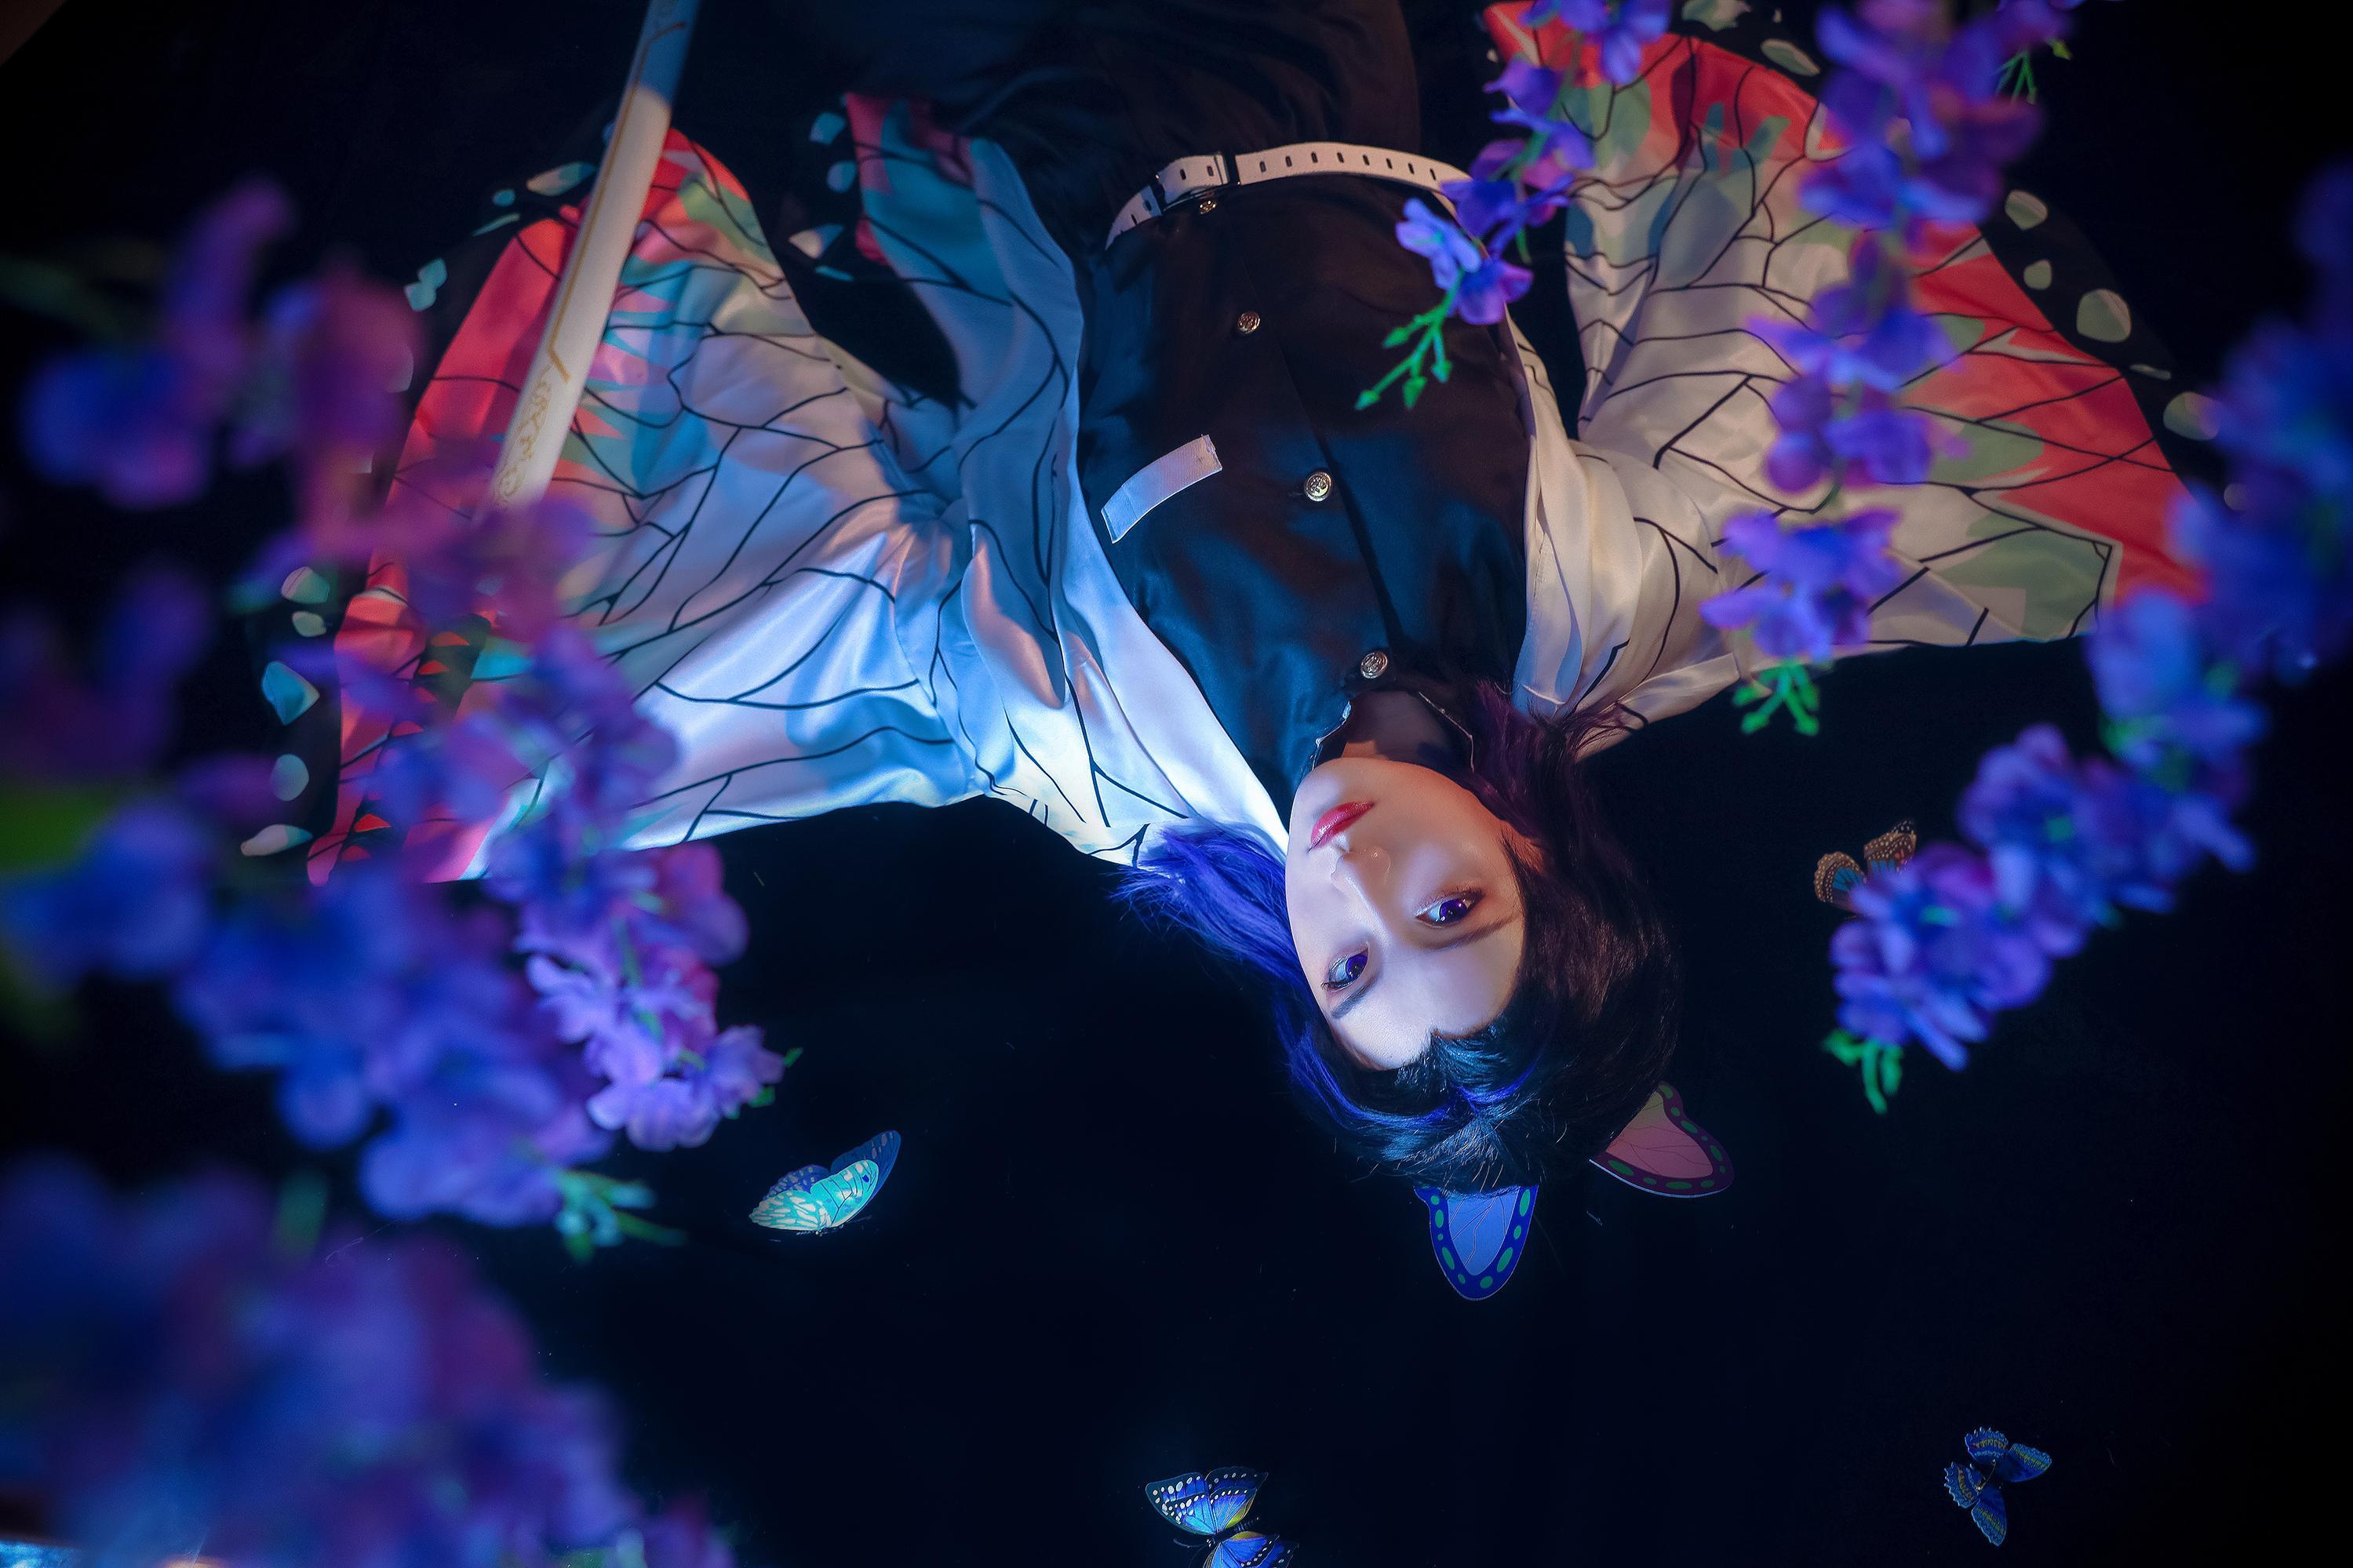 《鬼灭之刃》正片cosplay【CN:忘小忧_ya】 -cosplay美少女高清图片插图